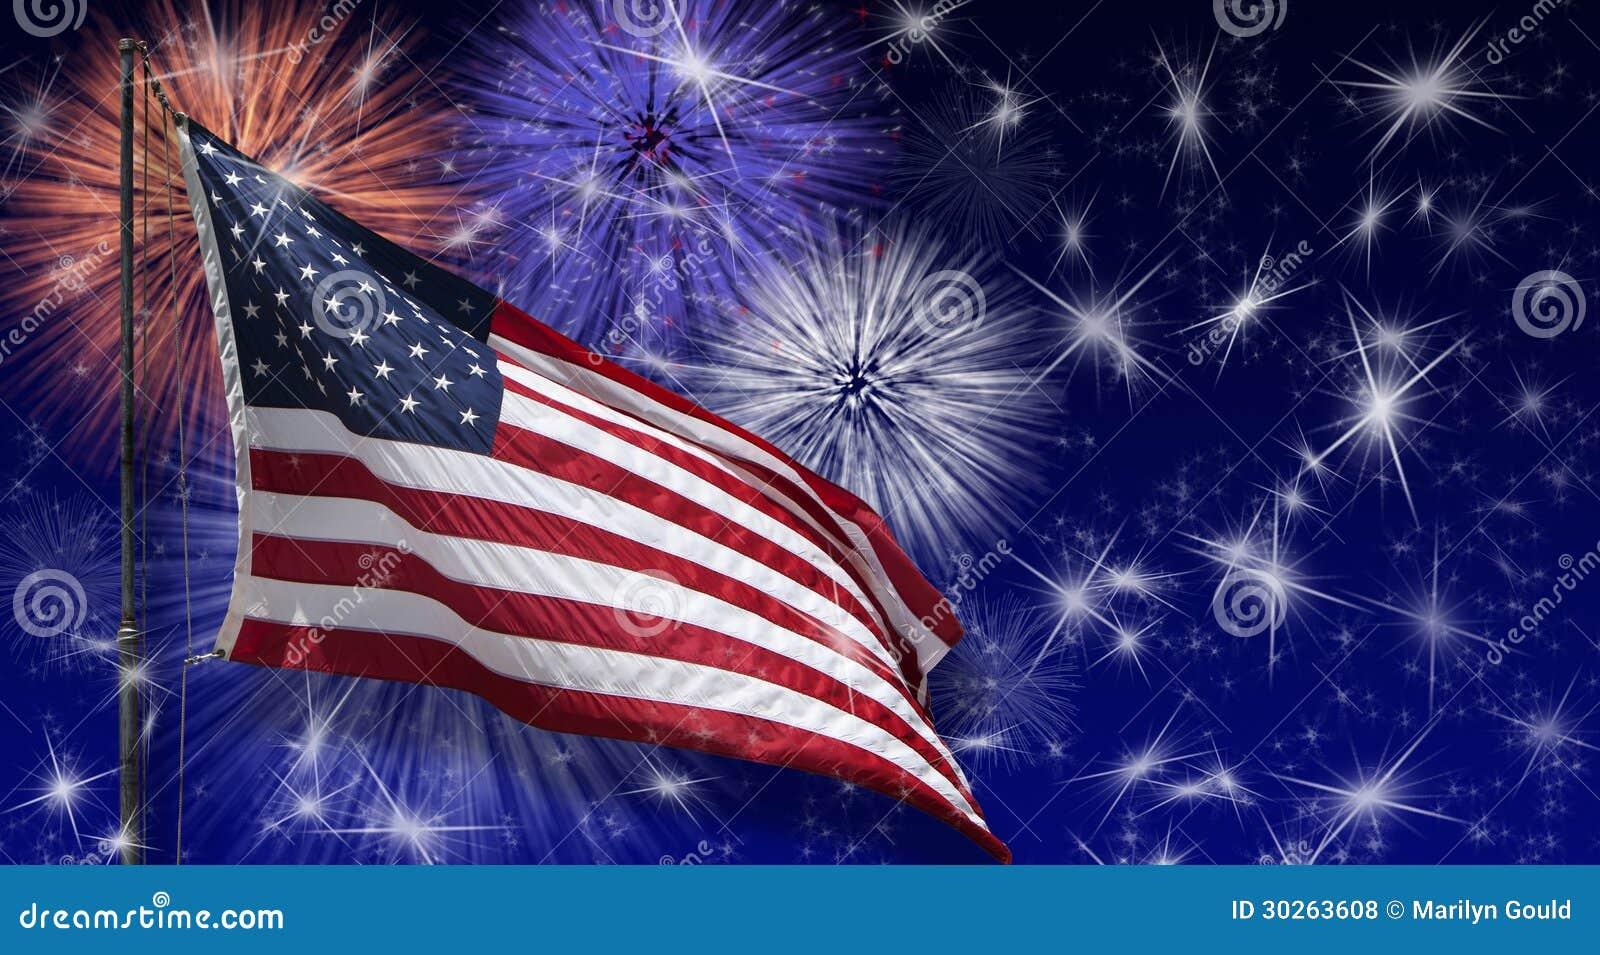 Fuegos artificiales de la bandera de los E.E.U.U.